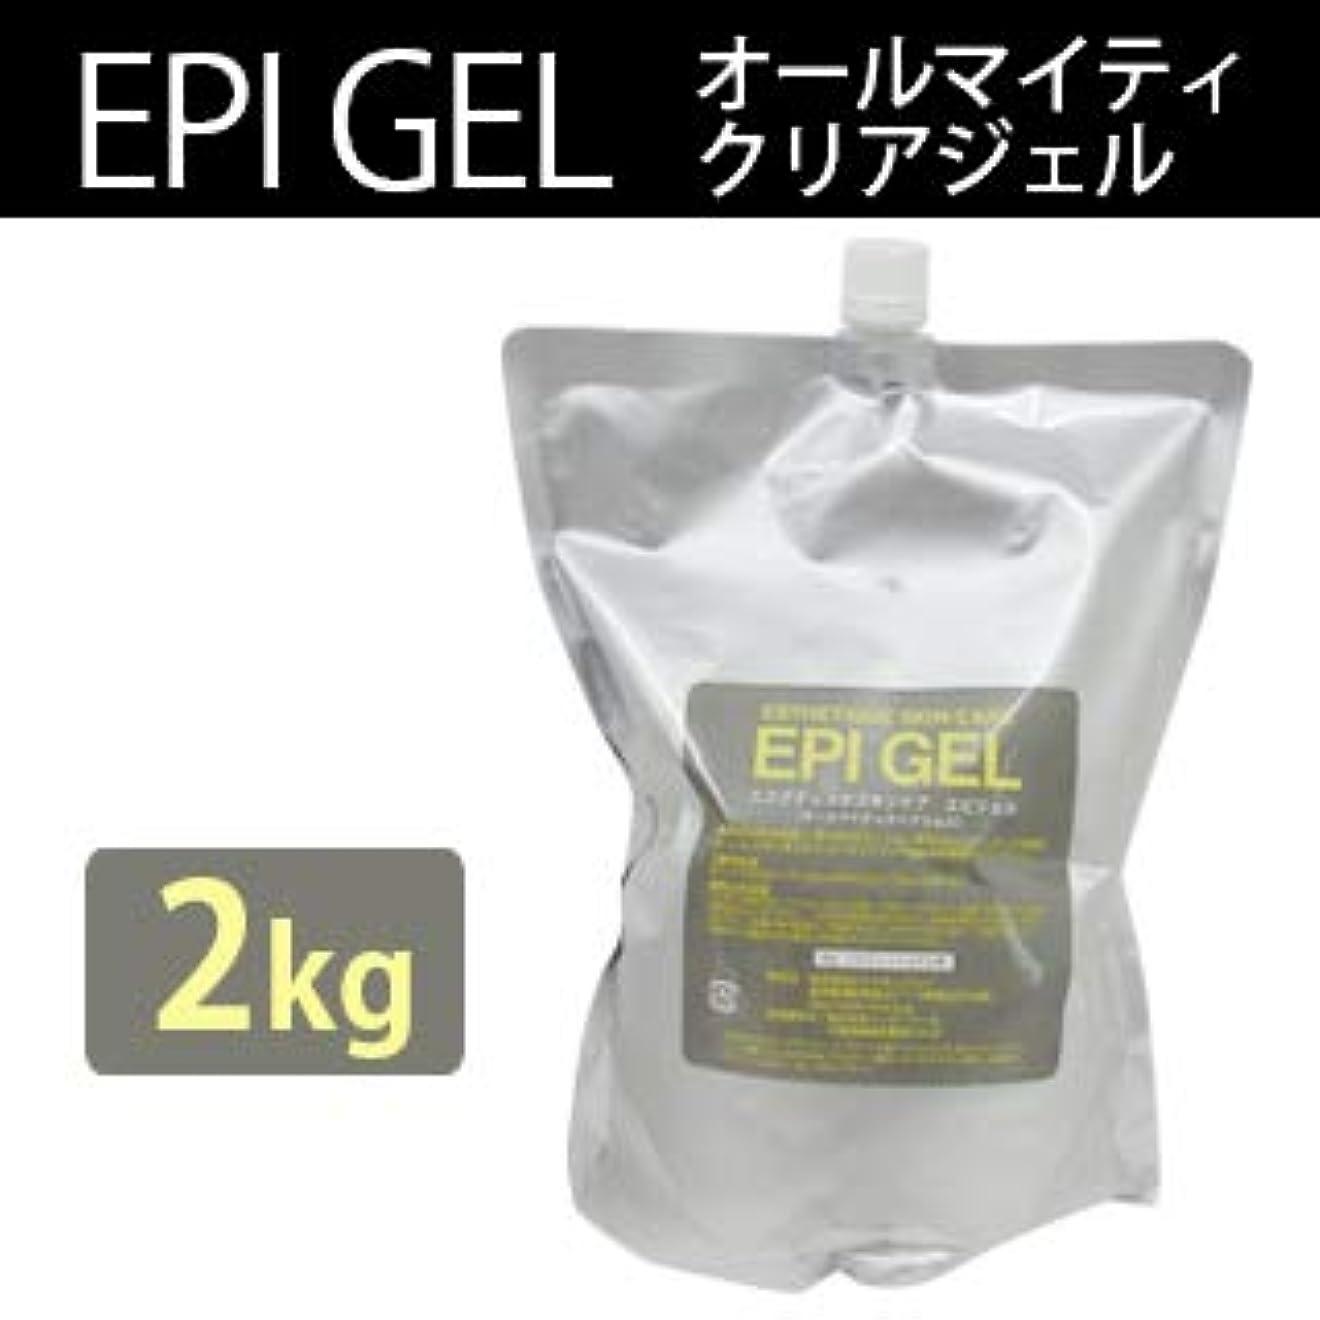 気がついてシングル高めるエステティック スキンケア エピジェル 2kg クリアジェル (1個)